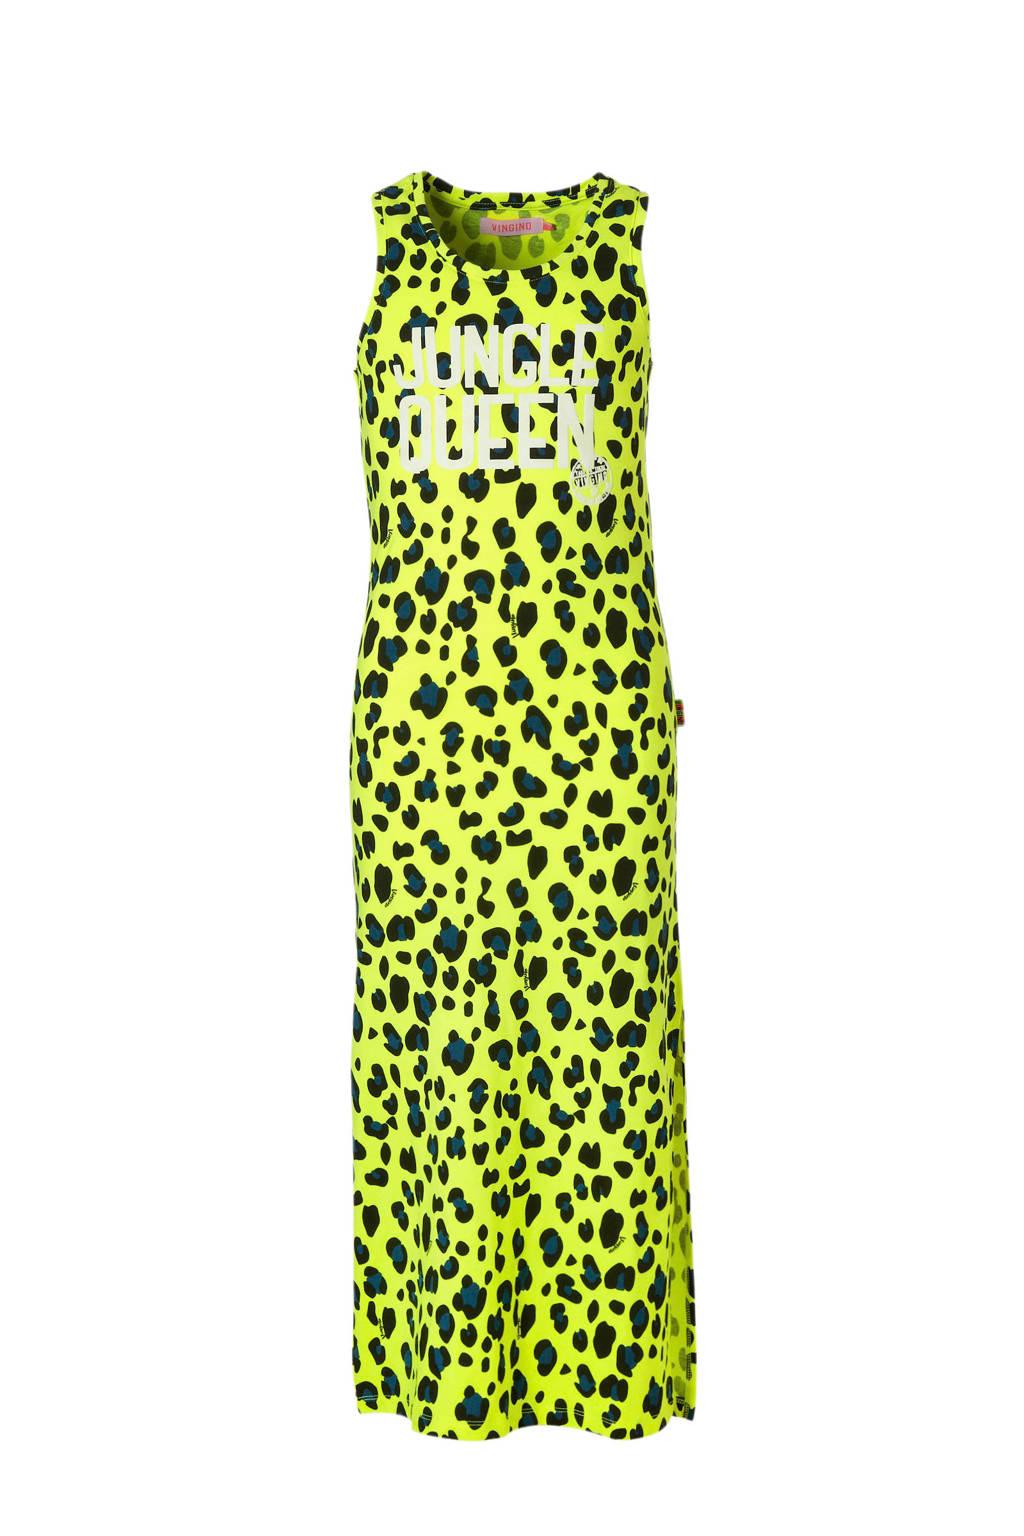 Vingino maxi jurk Pariane met panterprint neon geel, Neon geel/zwart